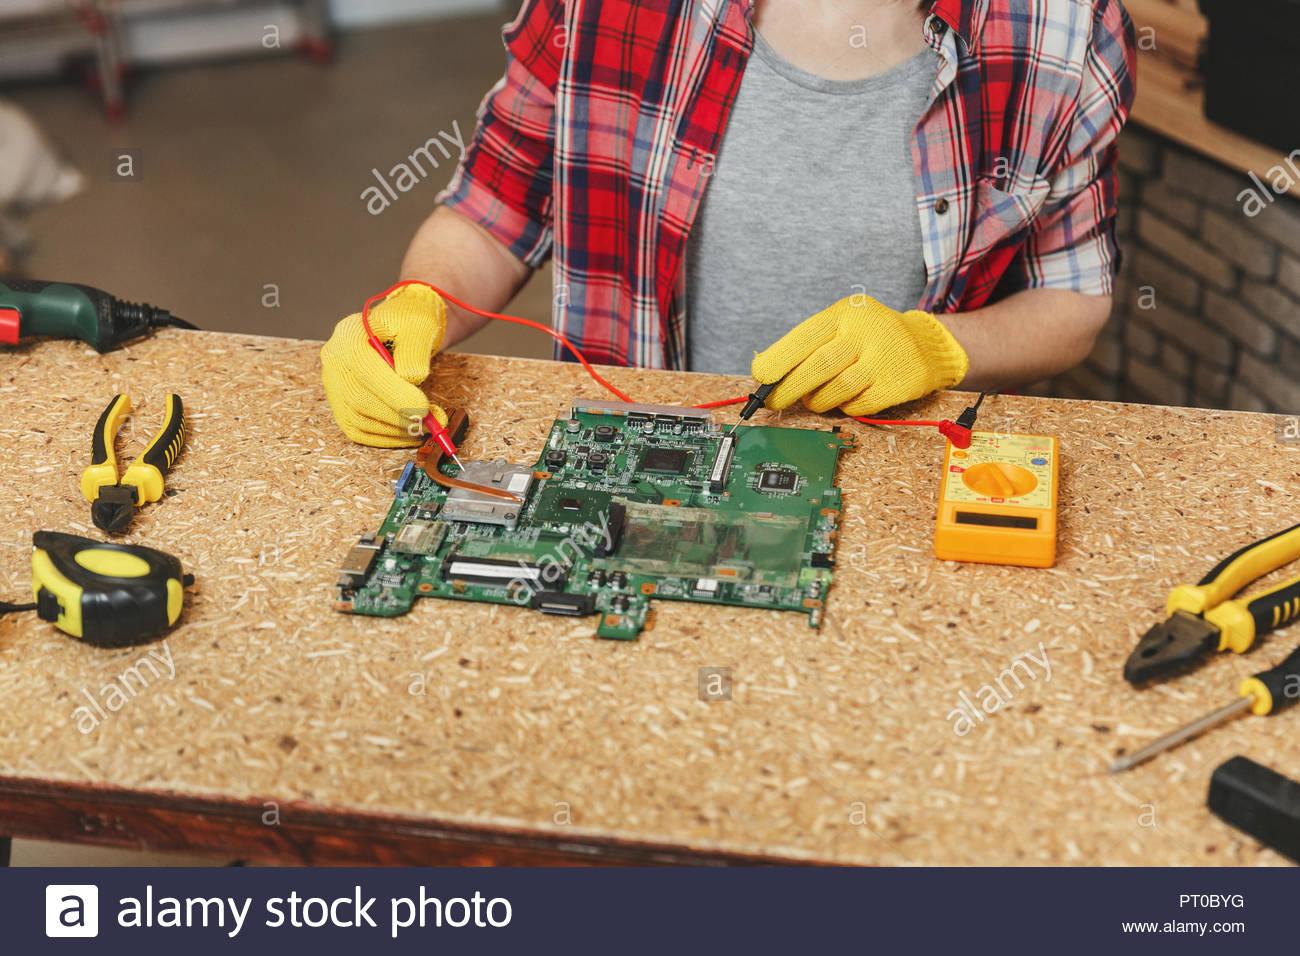 Multimeter Für Elektriker Nahaufnahme Der Frau In Gelb